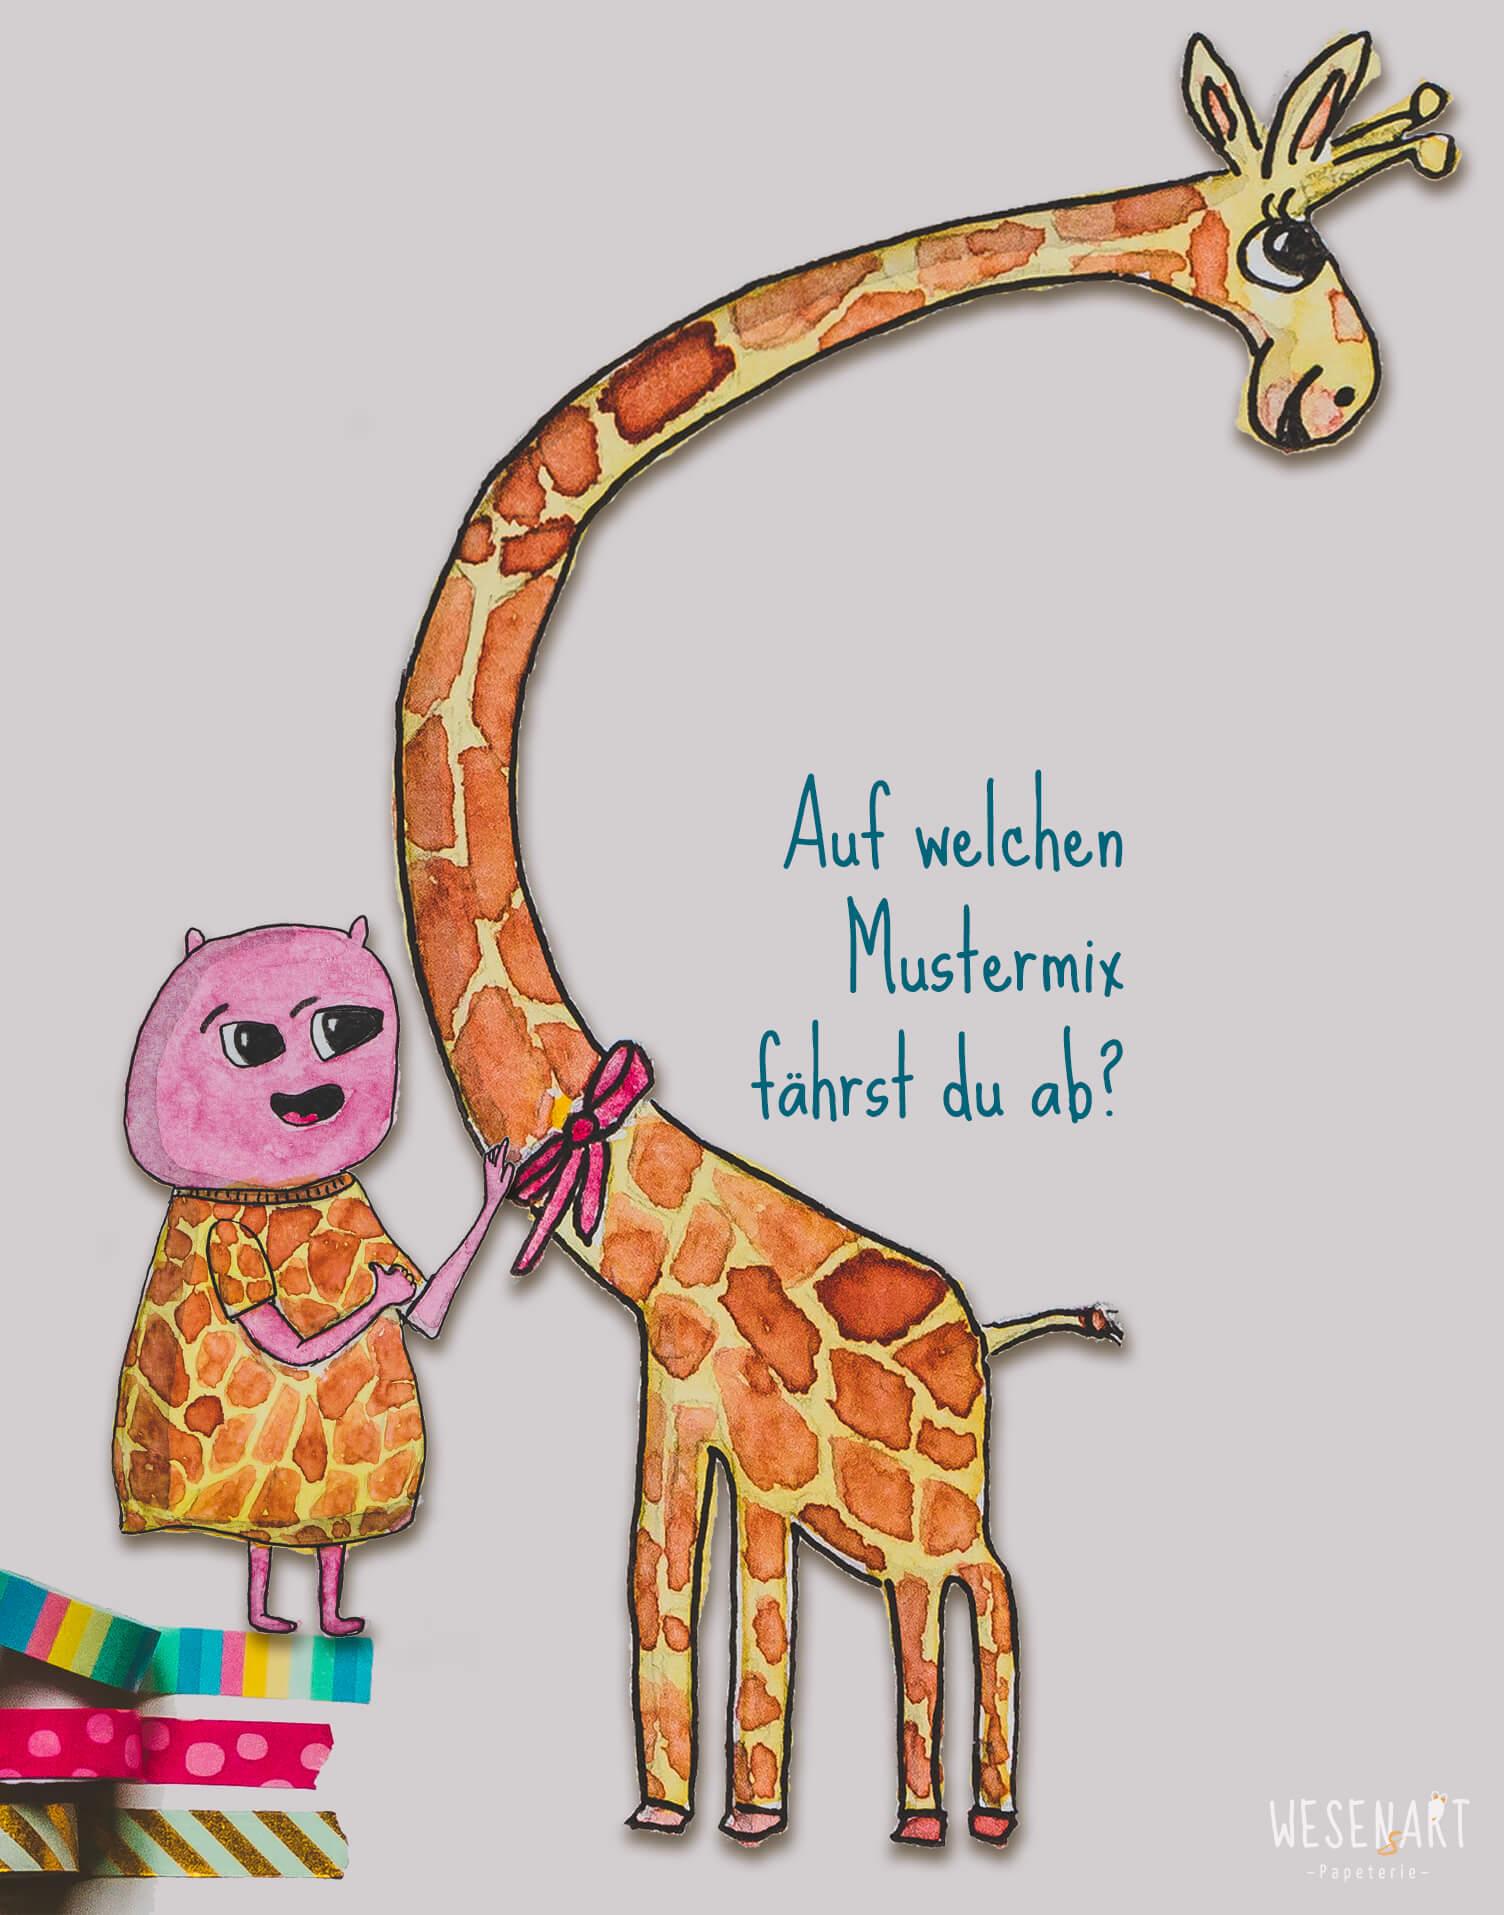 Loui und eine Giraffe. Loui hat das Outfit mit Giraffenmuster an.